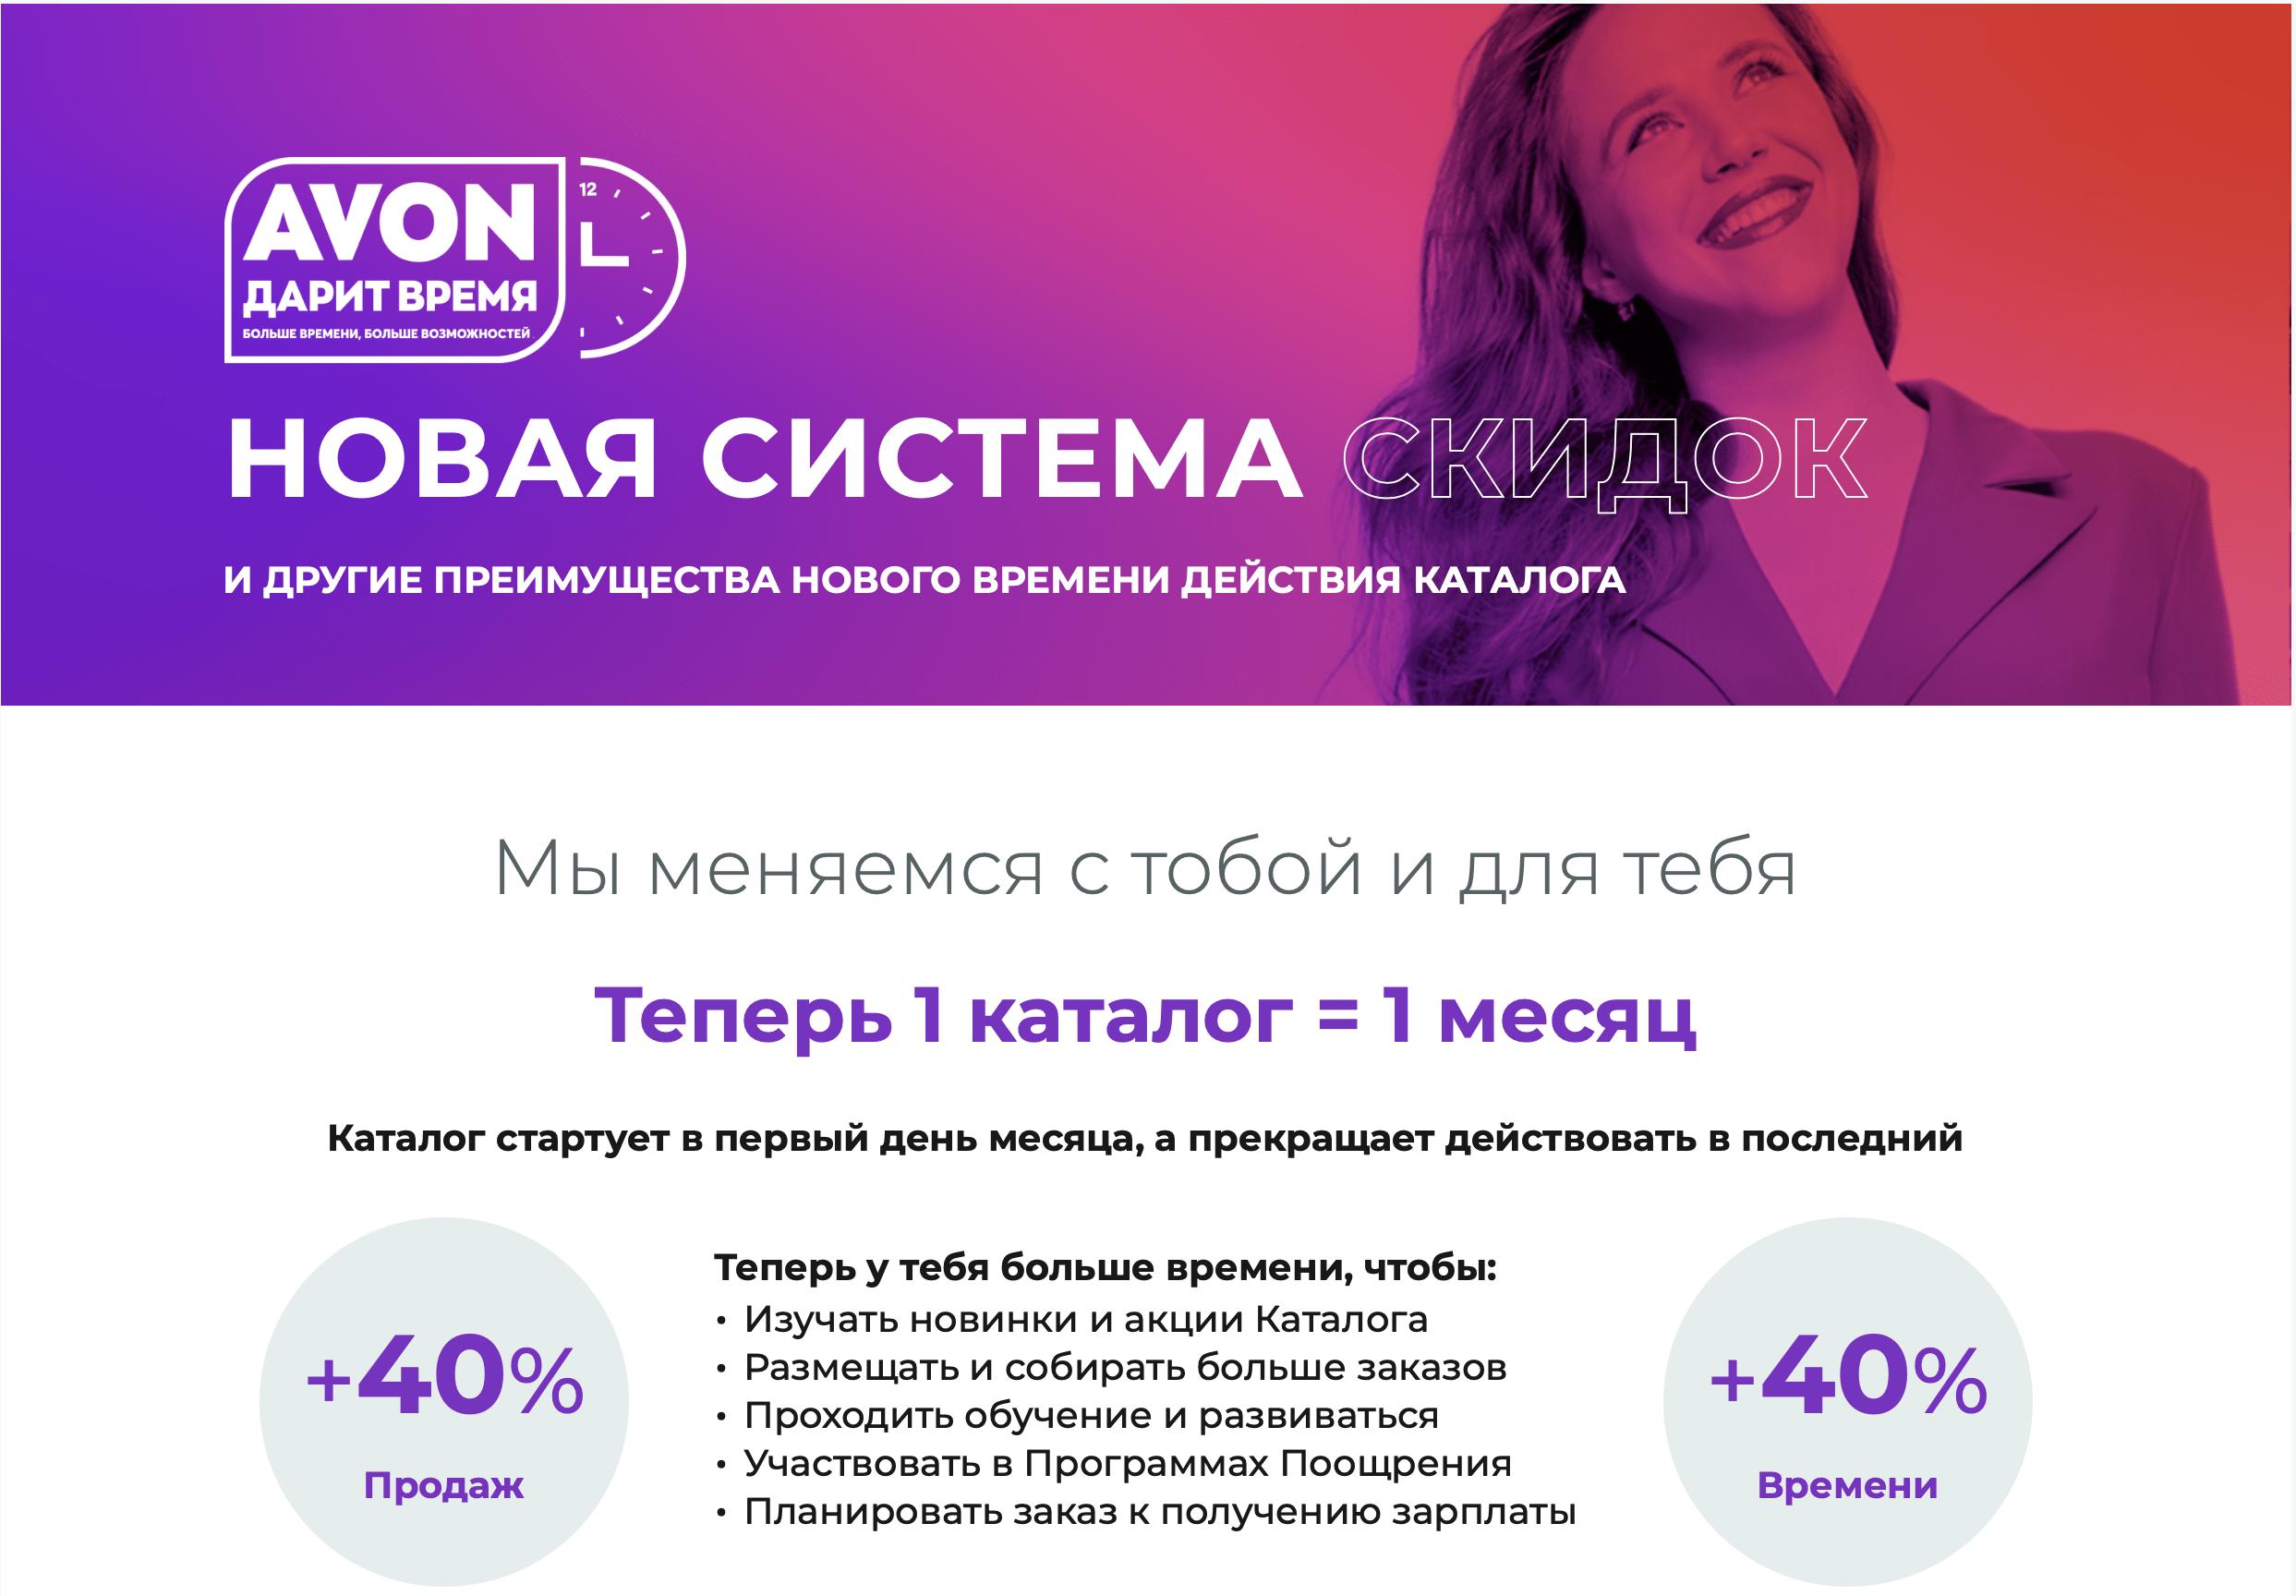 СИСТЕМА СКИДОК ЭЙВОН